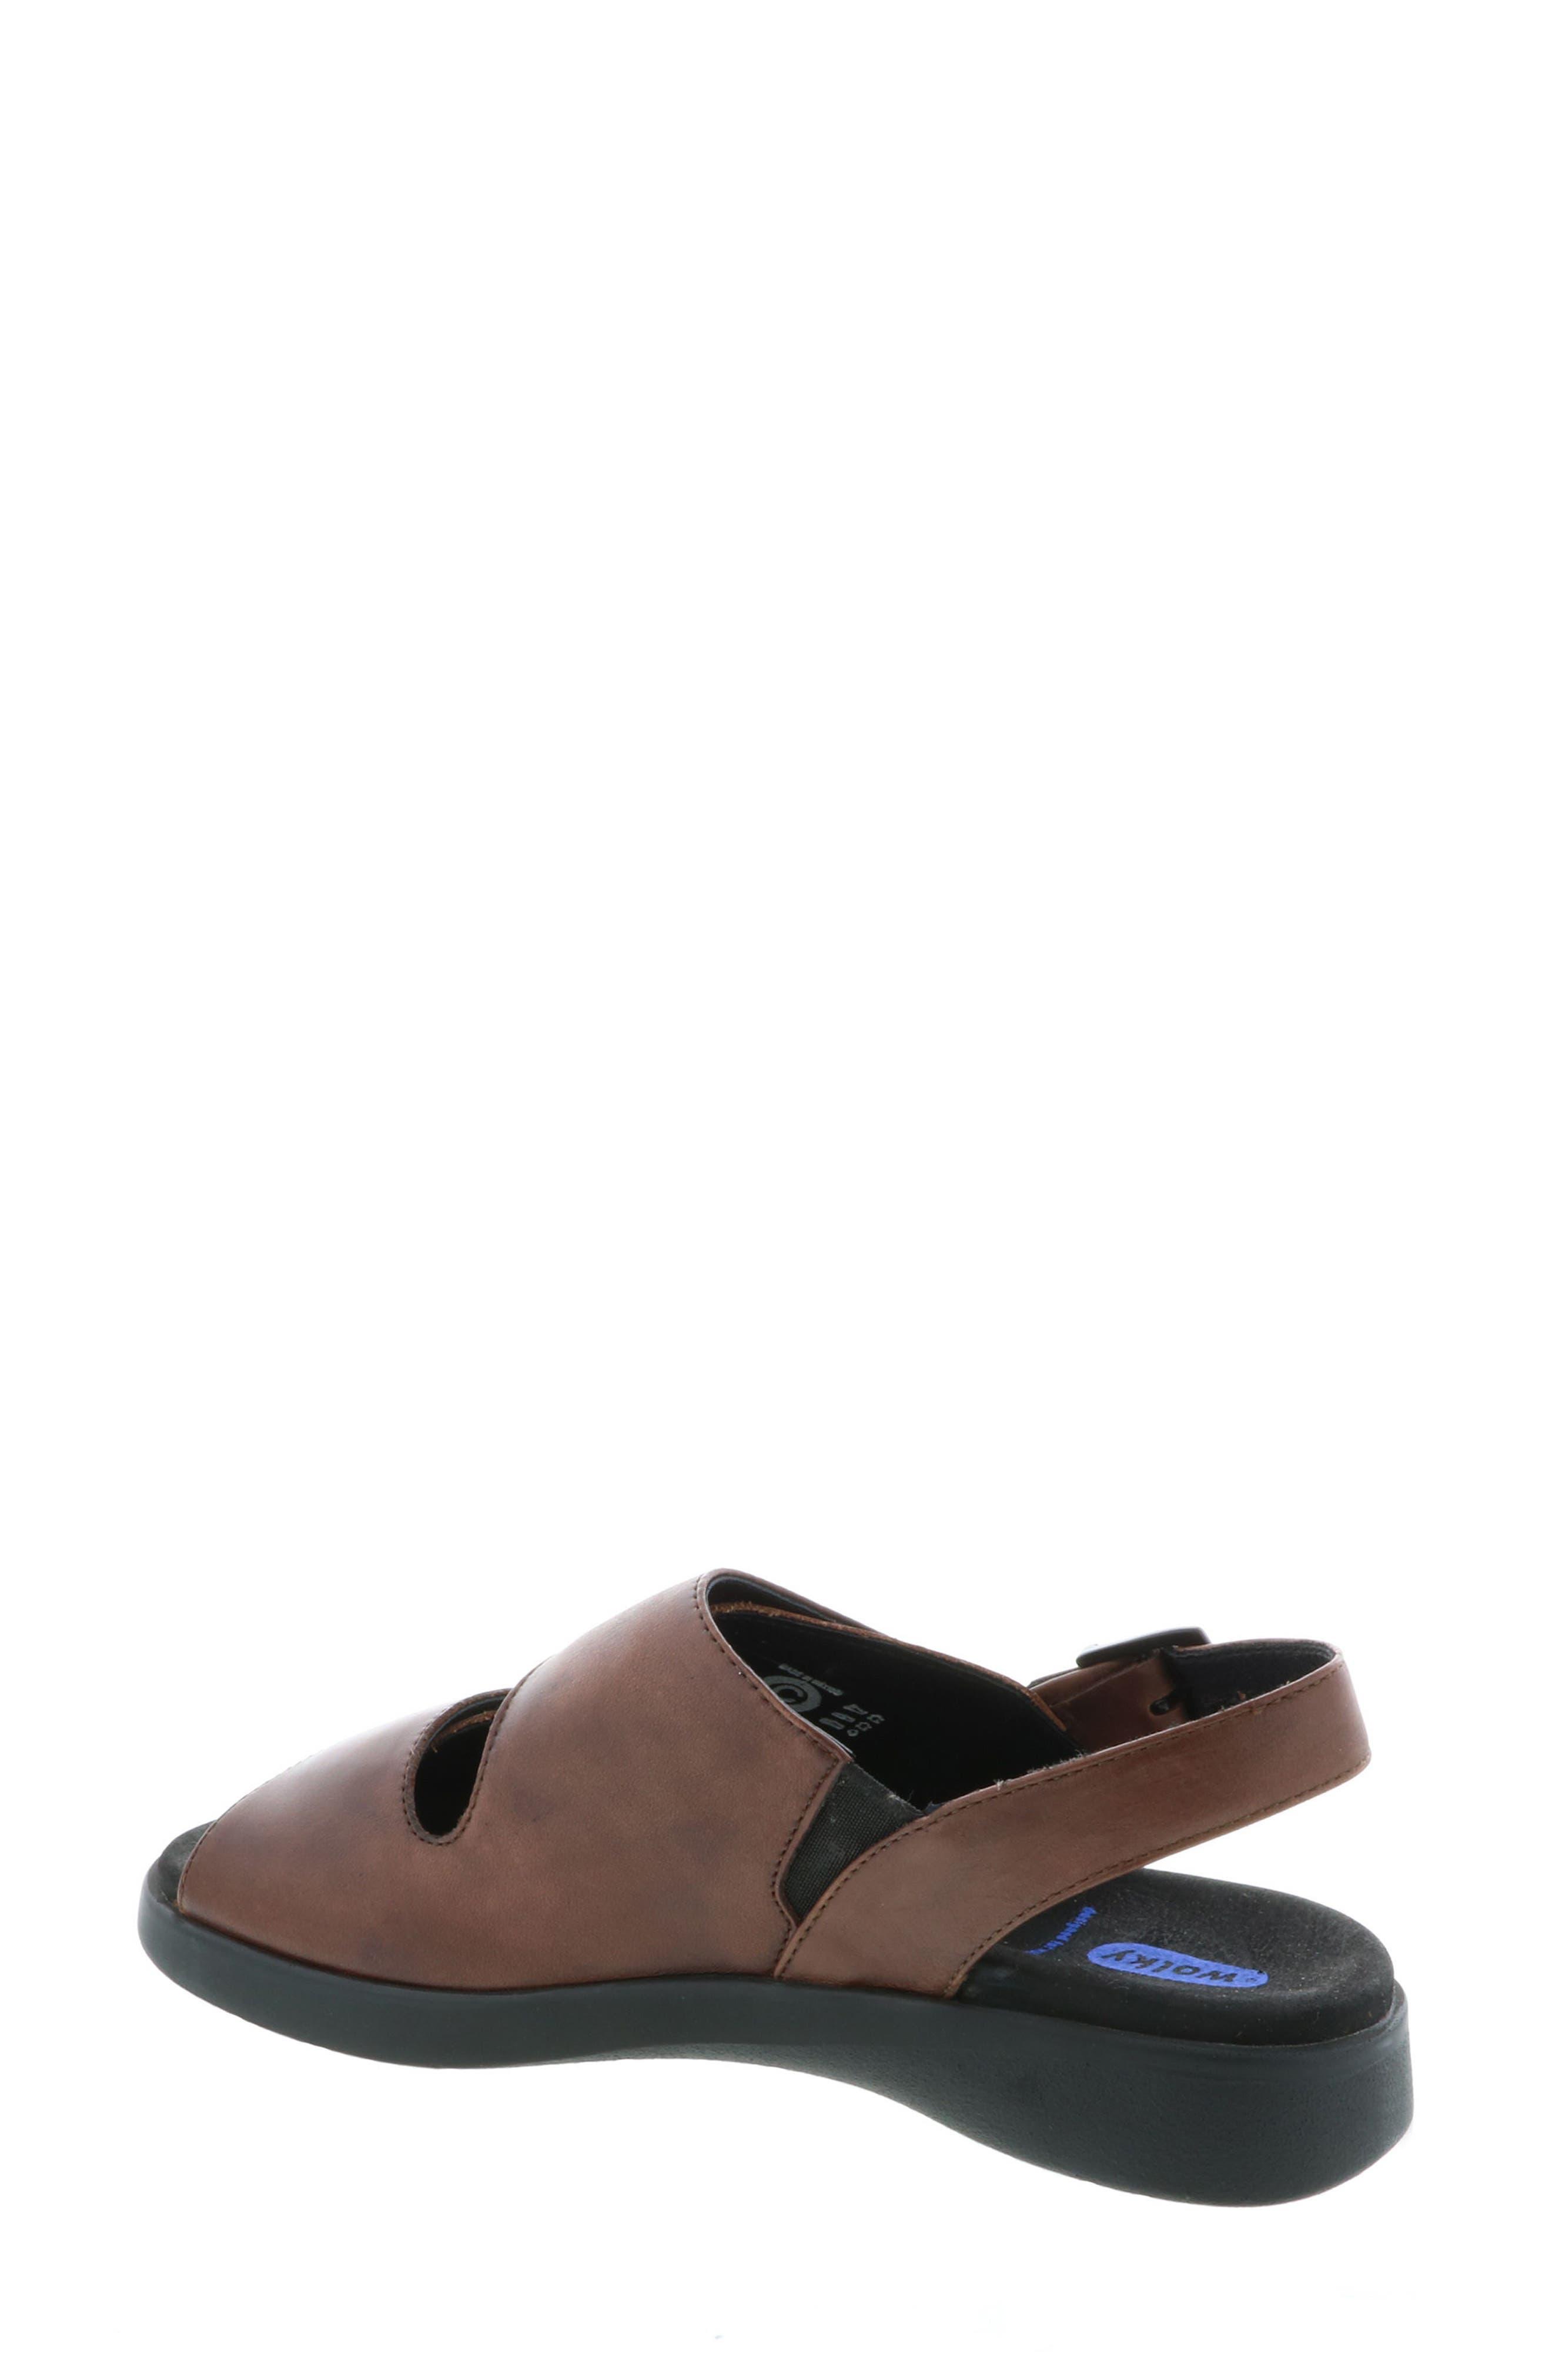 Nimes Sandal,                             Alternate thumbnail 2, color,                             Cognac Faux Leather